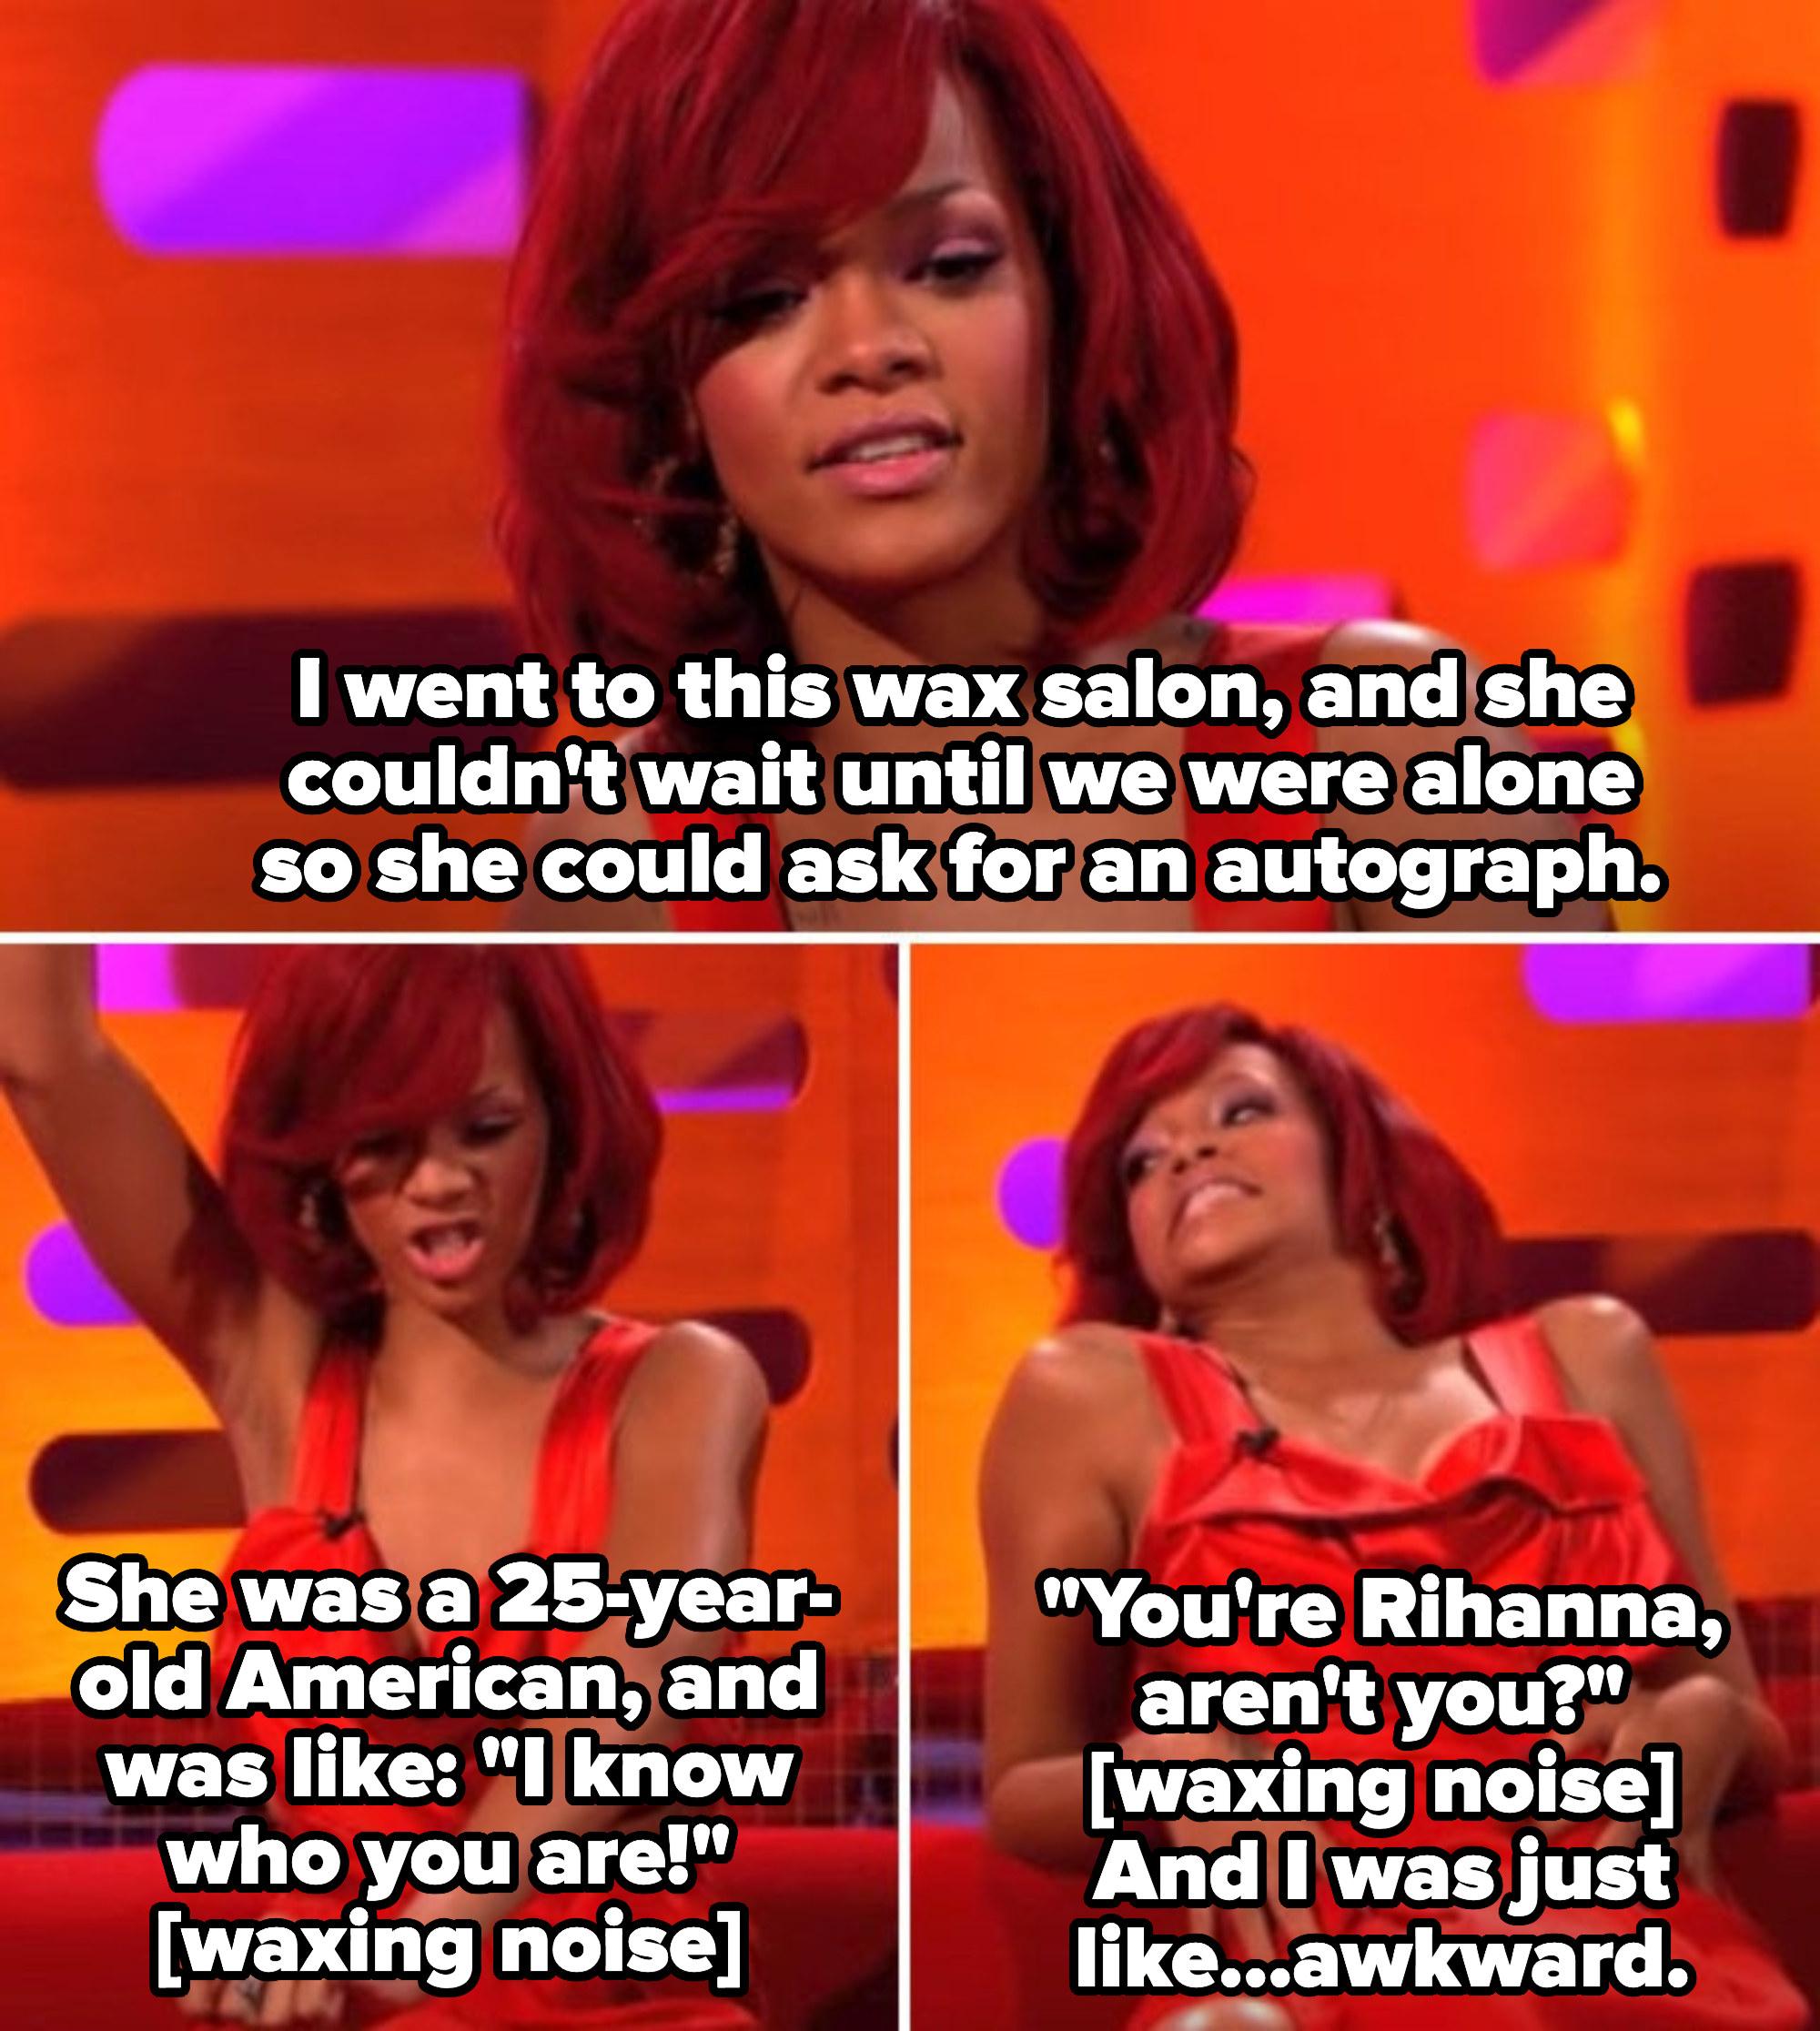 Rihanna describing the joy the American fan had while giving Rihanna a bikini wax